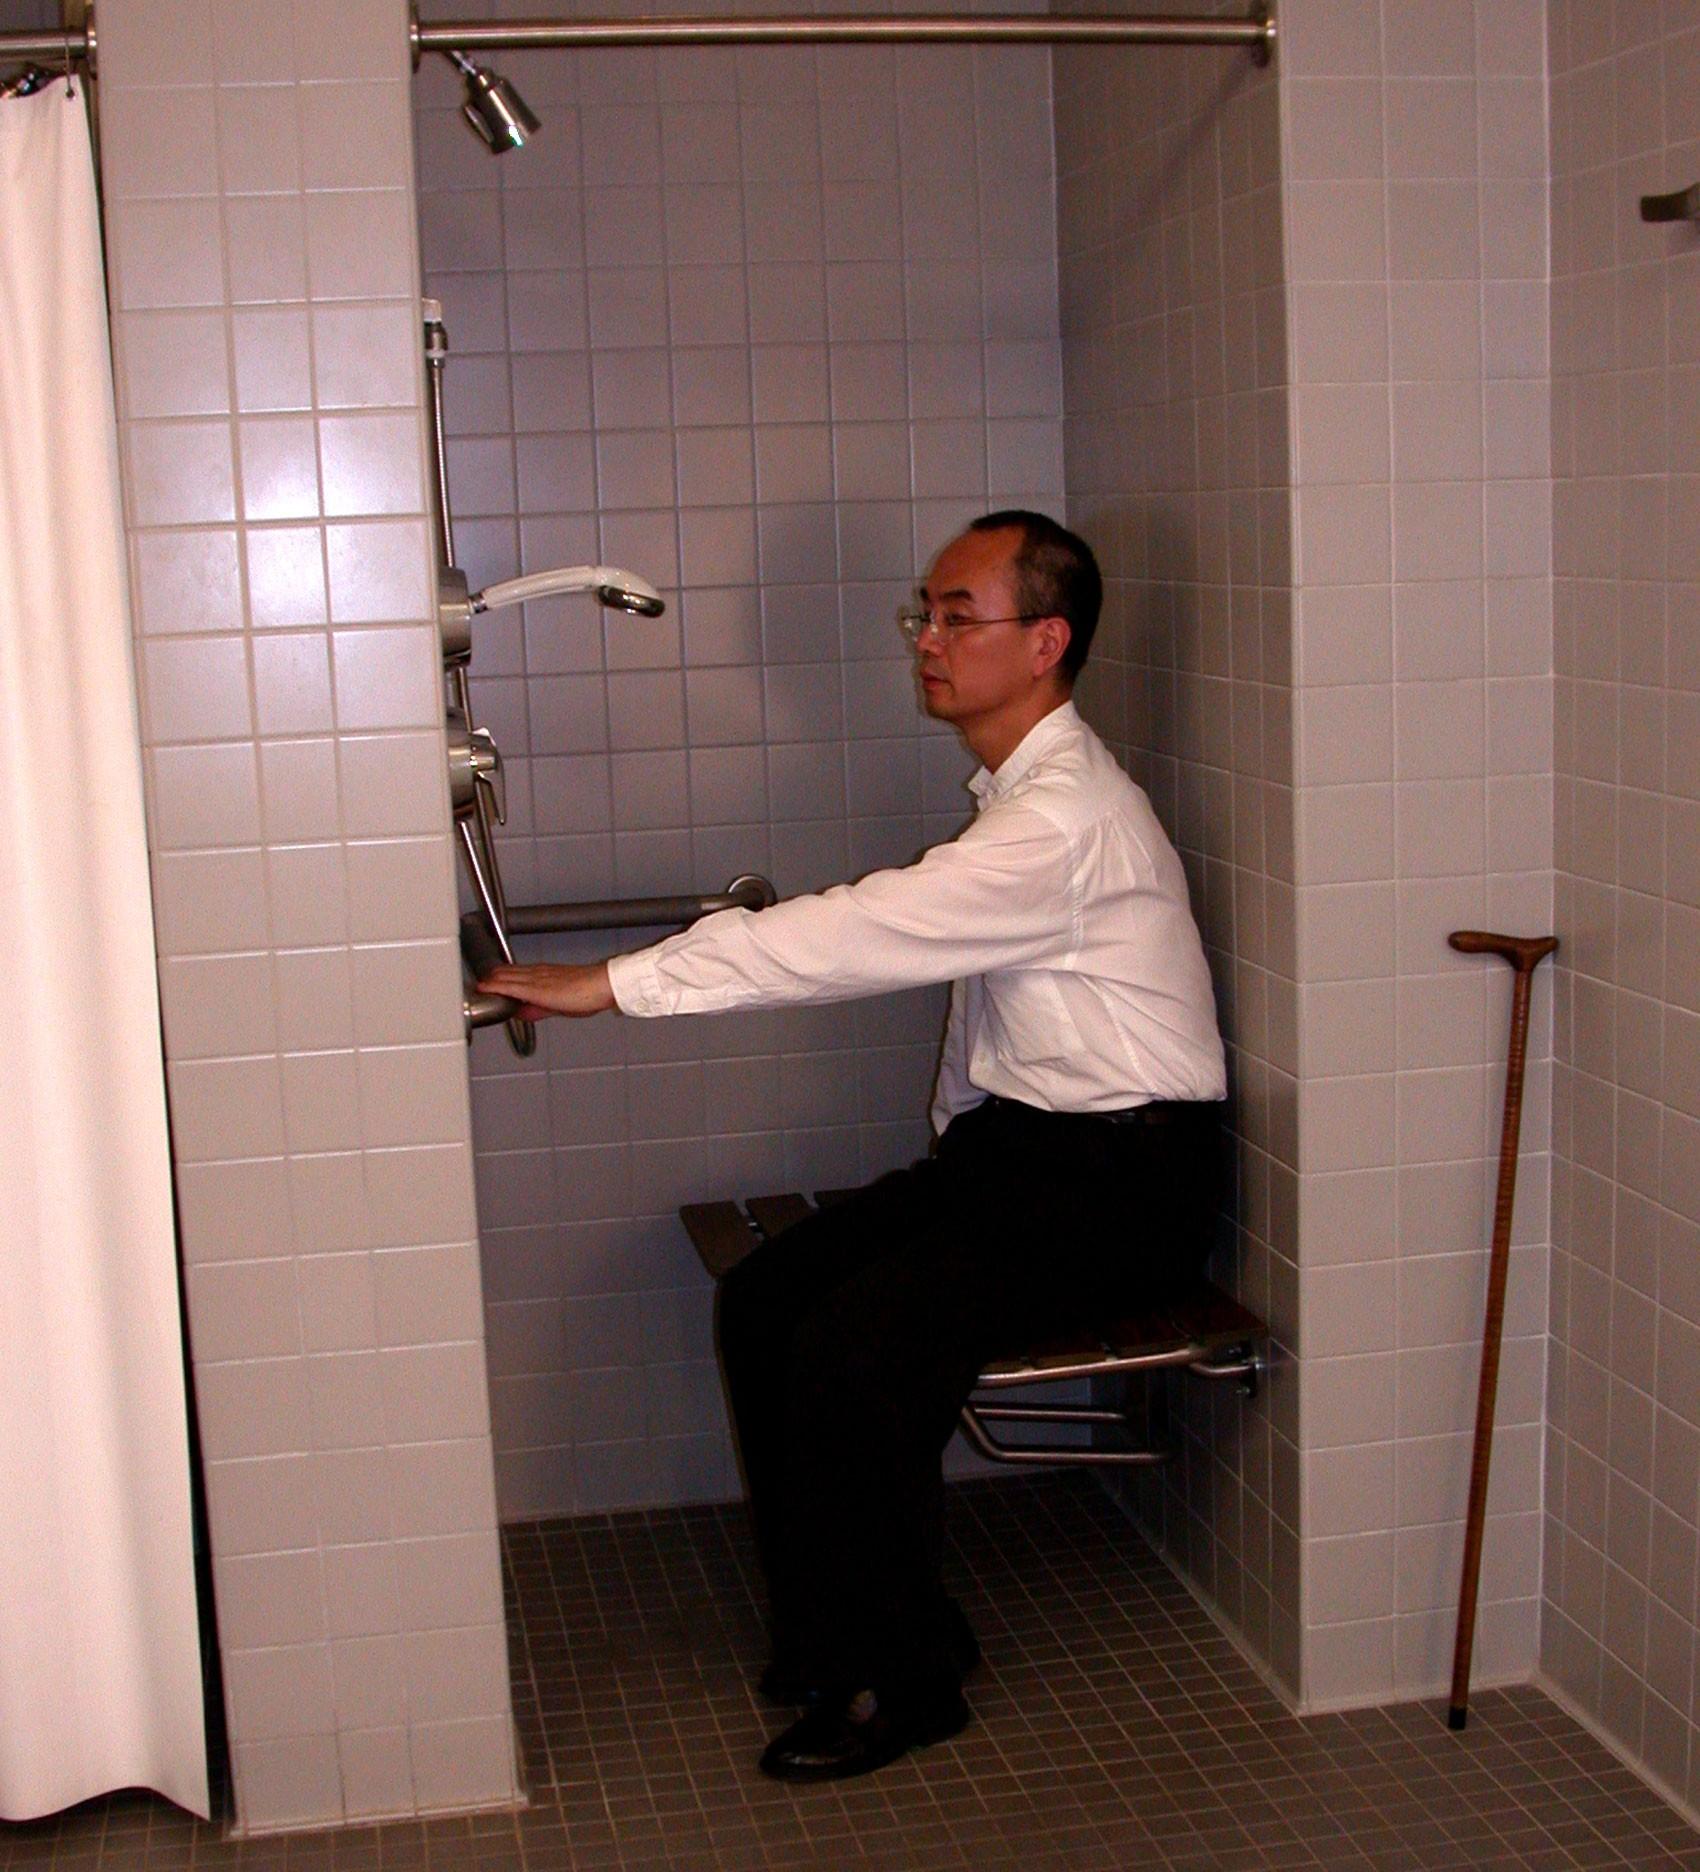 Barras de apoio e local para sentar ajudam idoso a não cair no banheiro